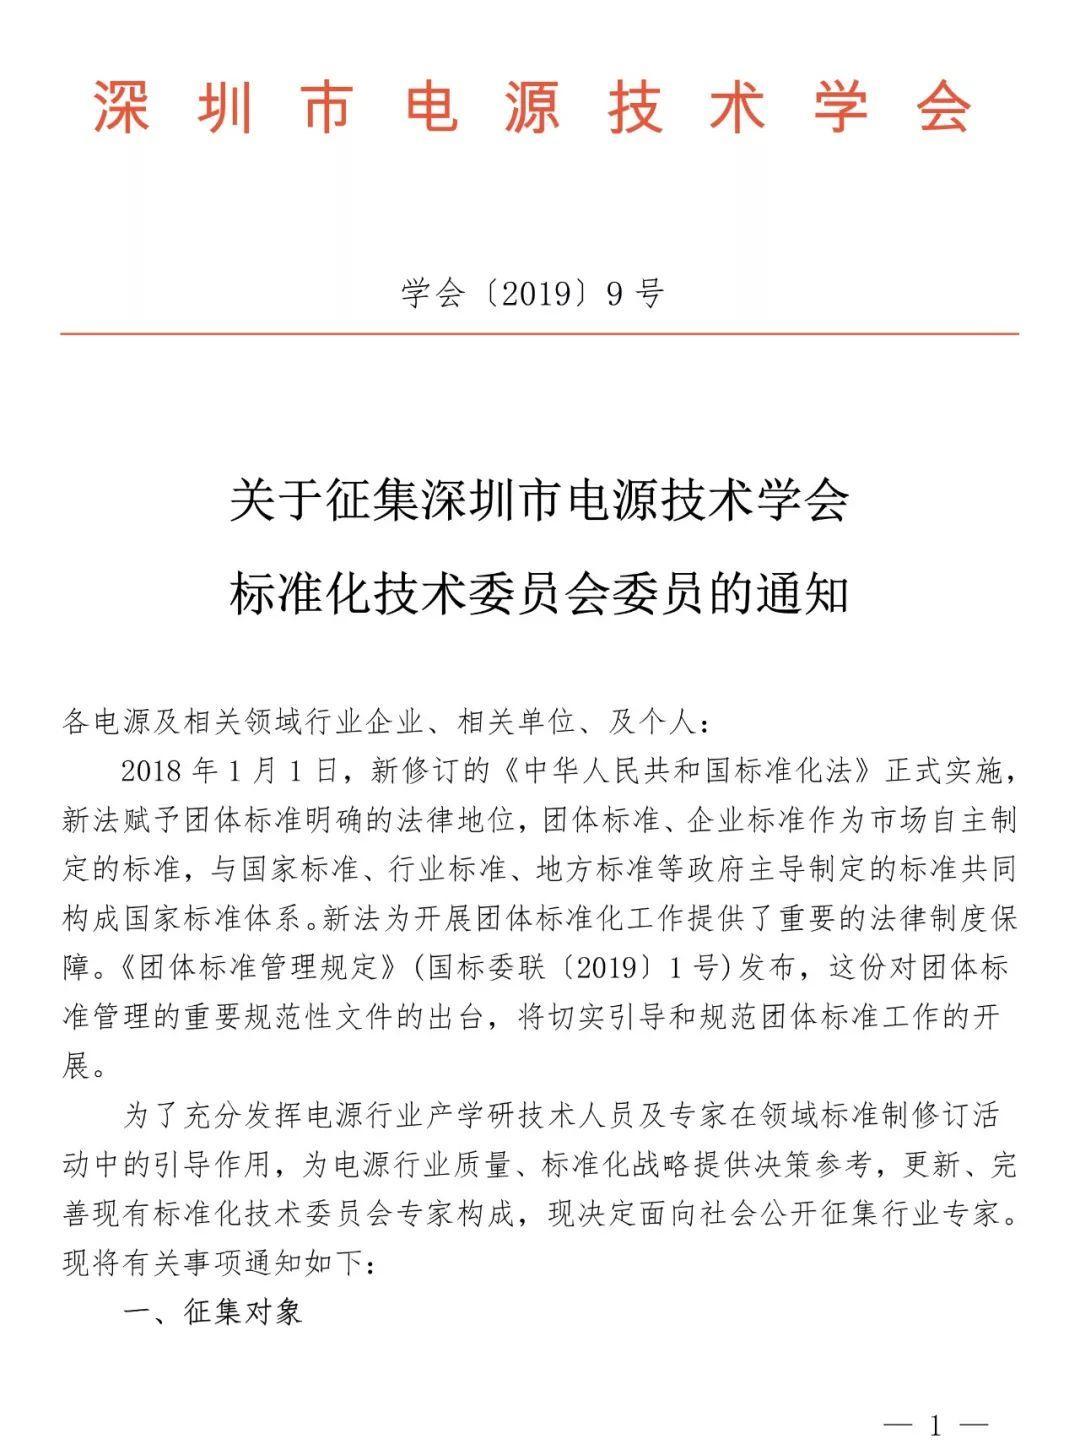 学会通知| 关于征集深圳市电源技术学会标准化技术委员会委员的通知